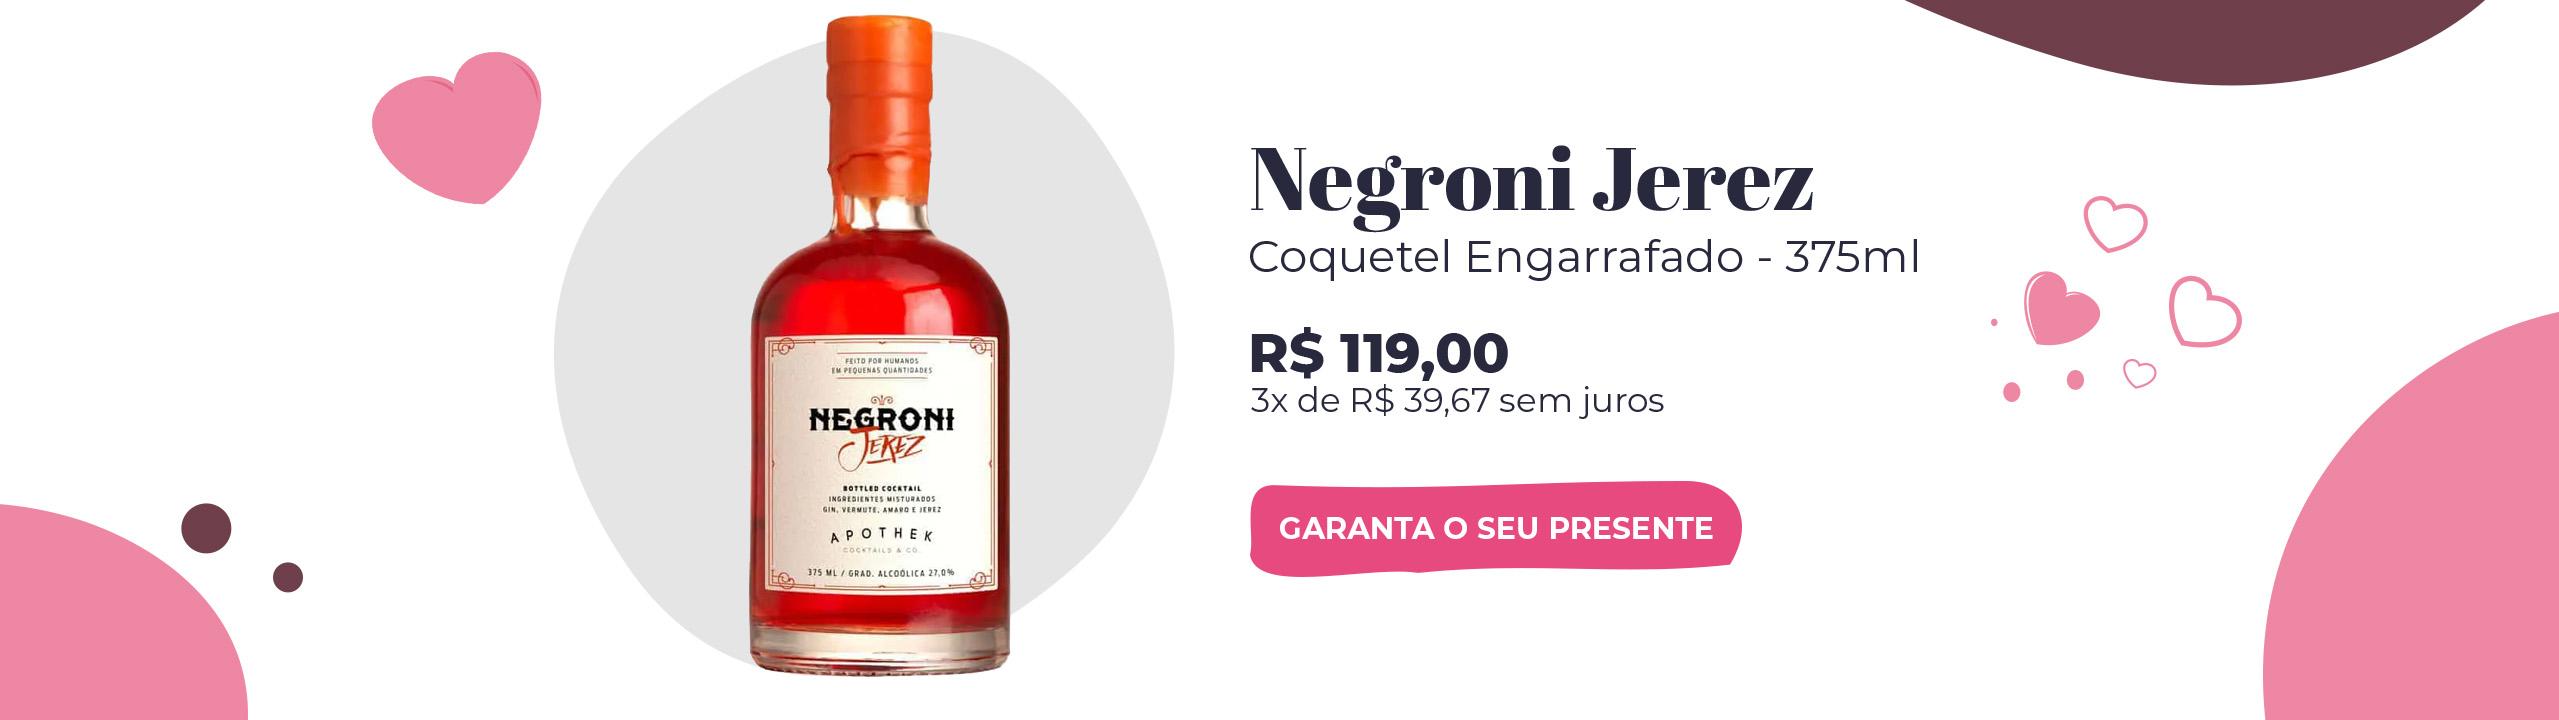 Coquetel Engarrafado Drink 375ml Negroni Jerez APOTHEK